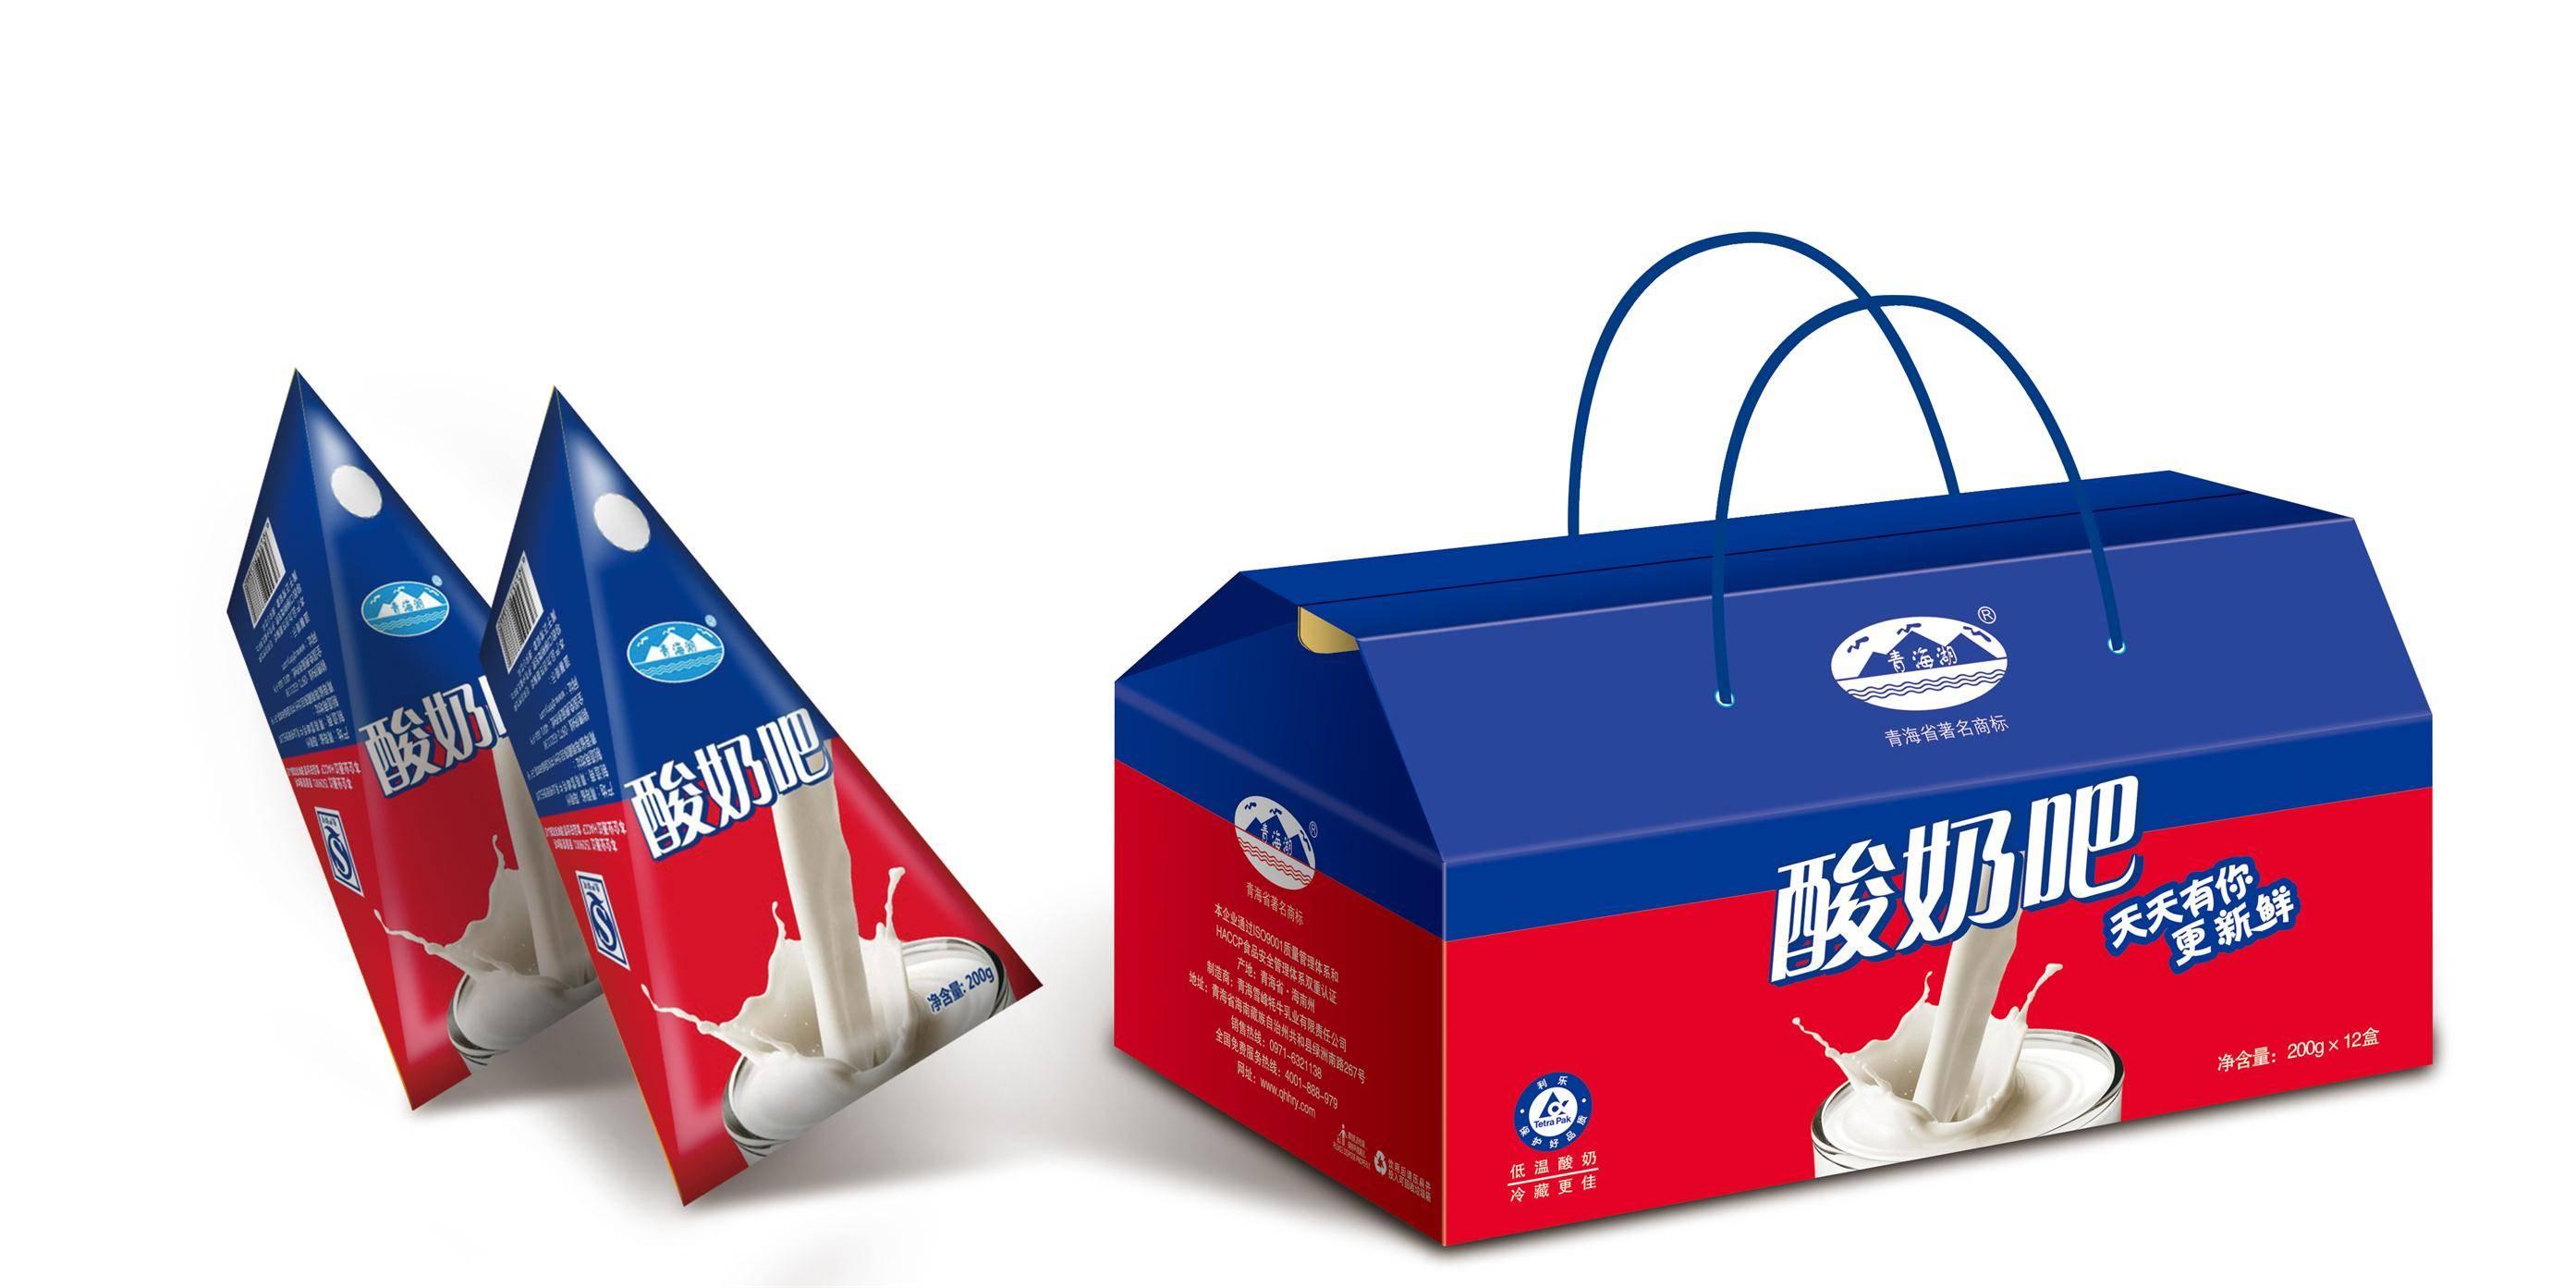 酸奶吧青海酸奶200ml*12盒